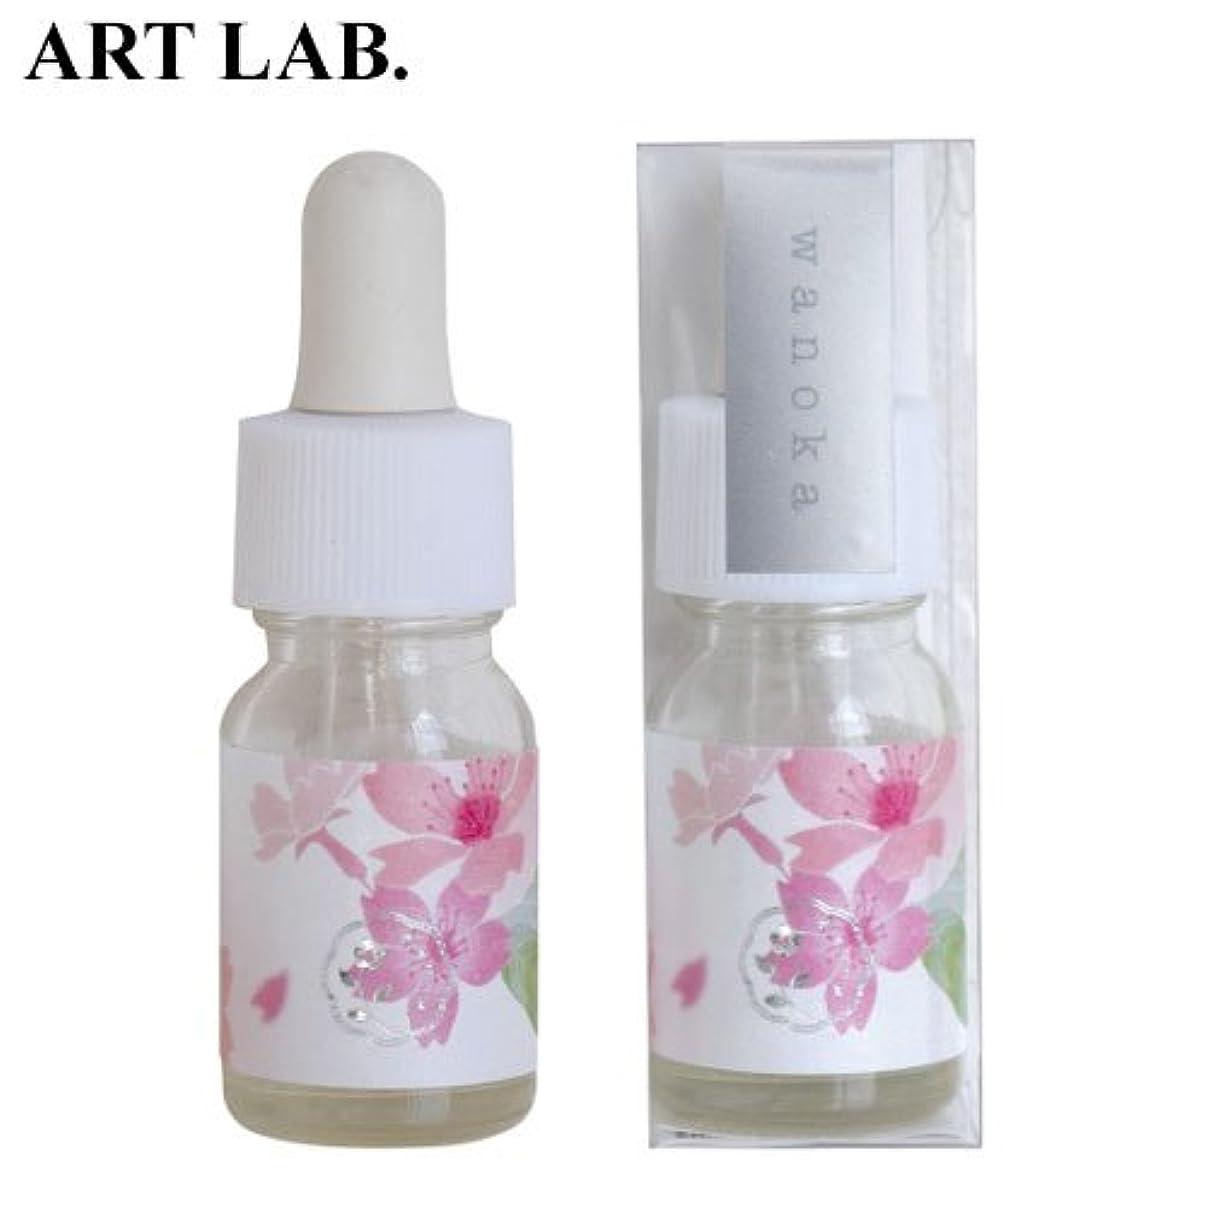 使い込む欺く直径wanoka香油アロマオイル桜《桜をイメージした甘い香り》ART LABAromatic oil